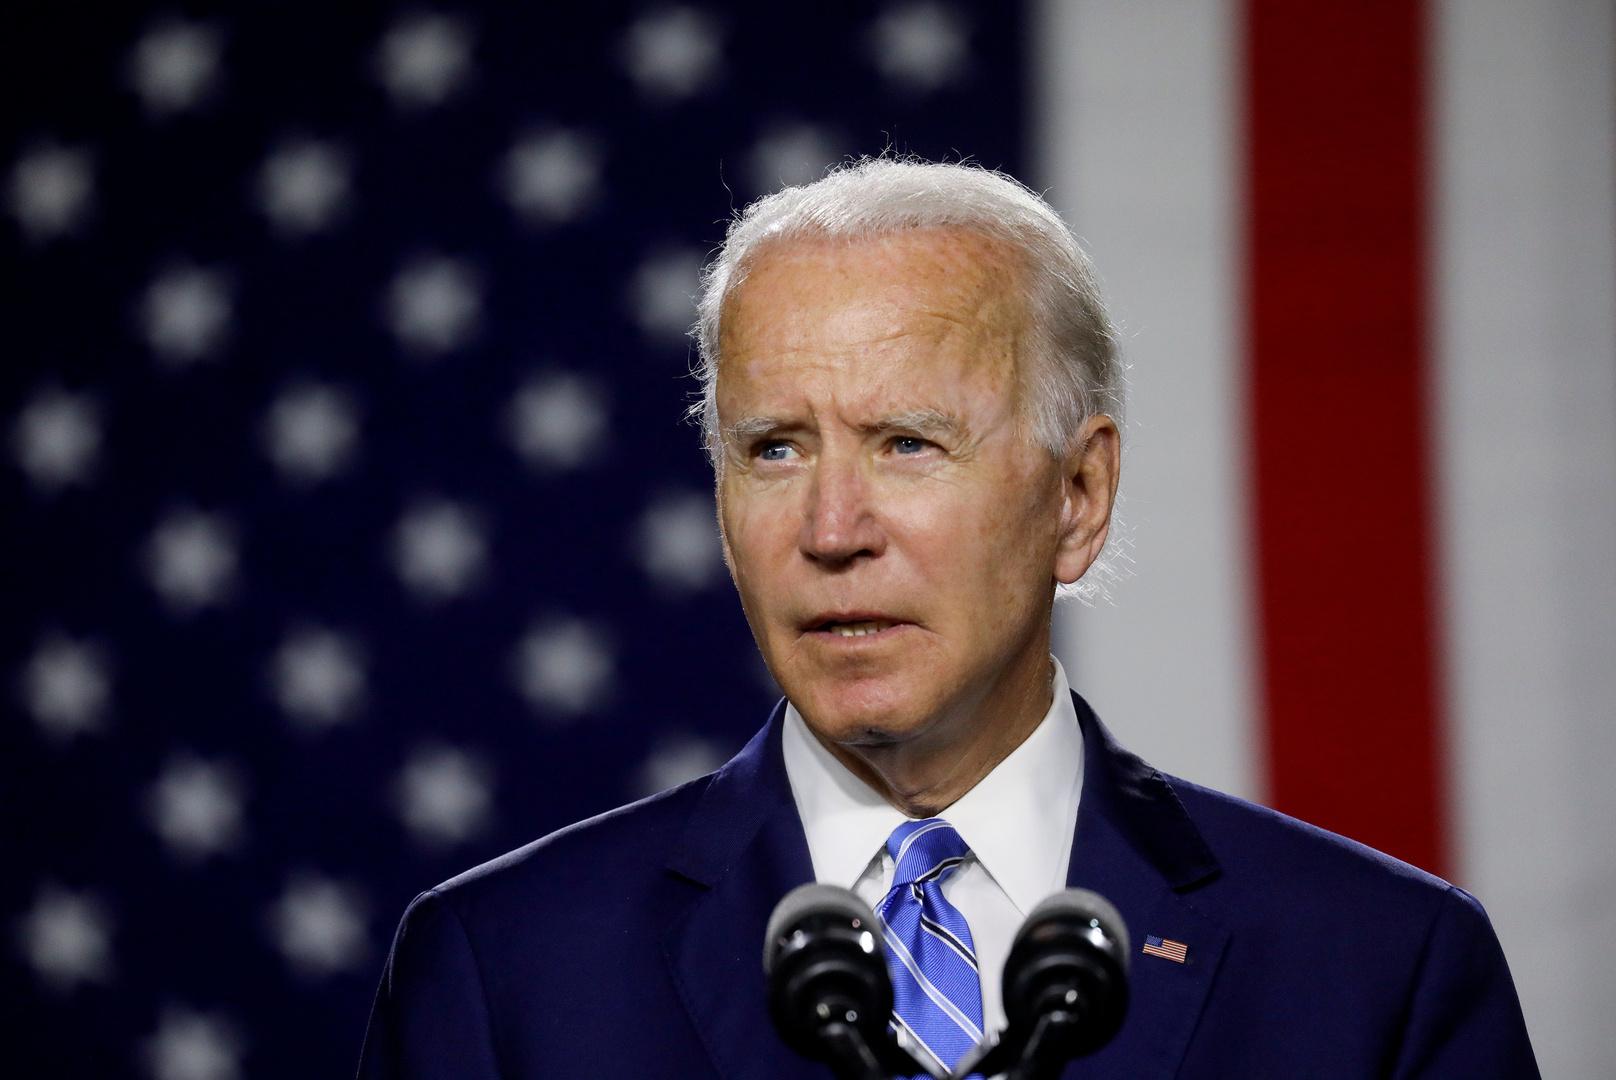 استطلاع: ثلث الأمريكيين يعتبرون فوز بايدن في الانتخابات غير نزيه